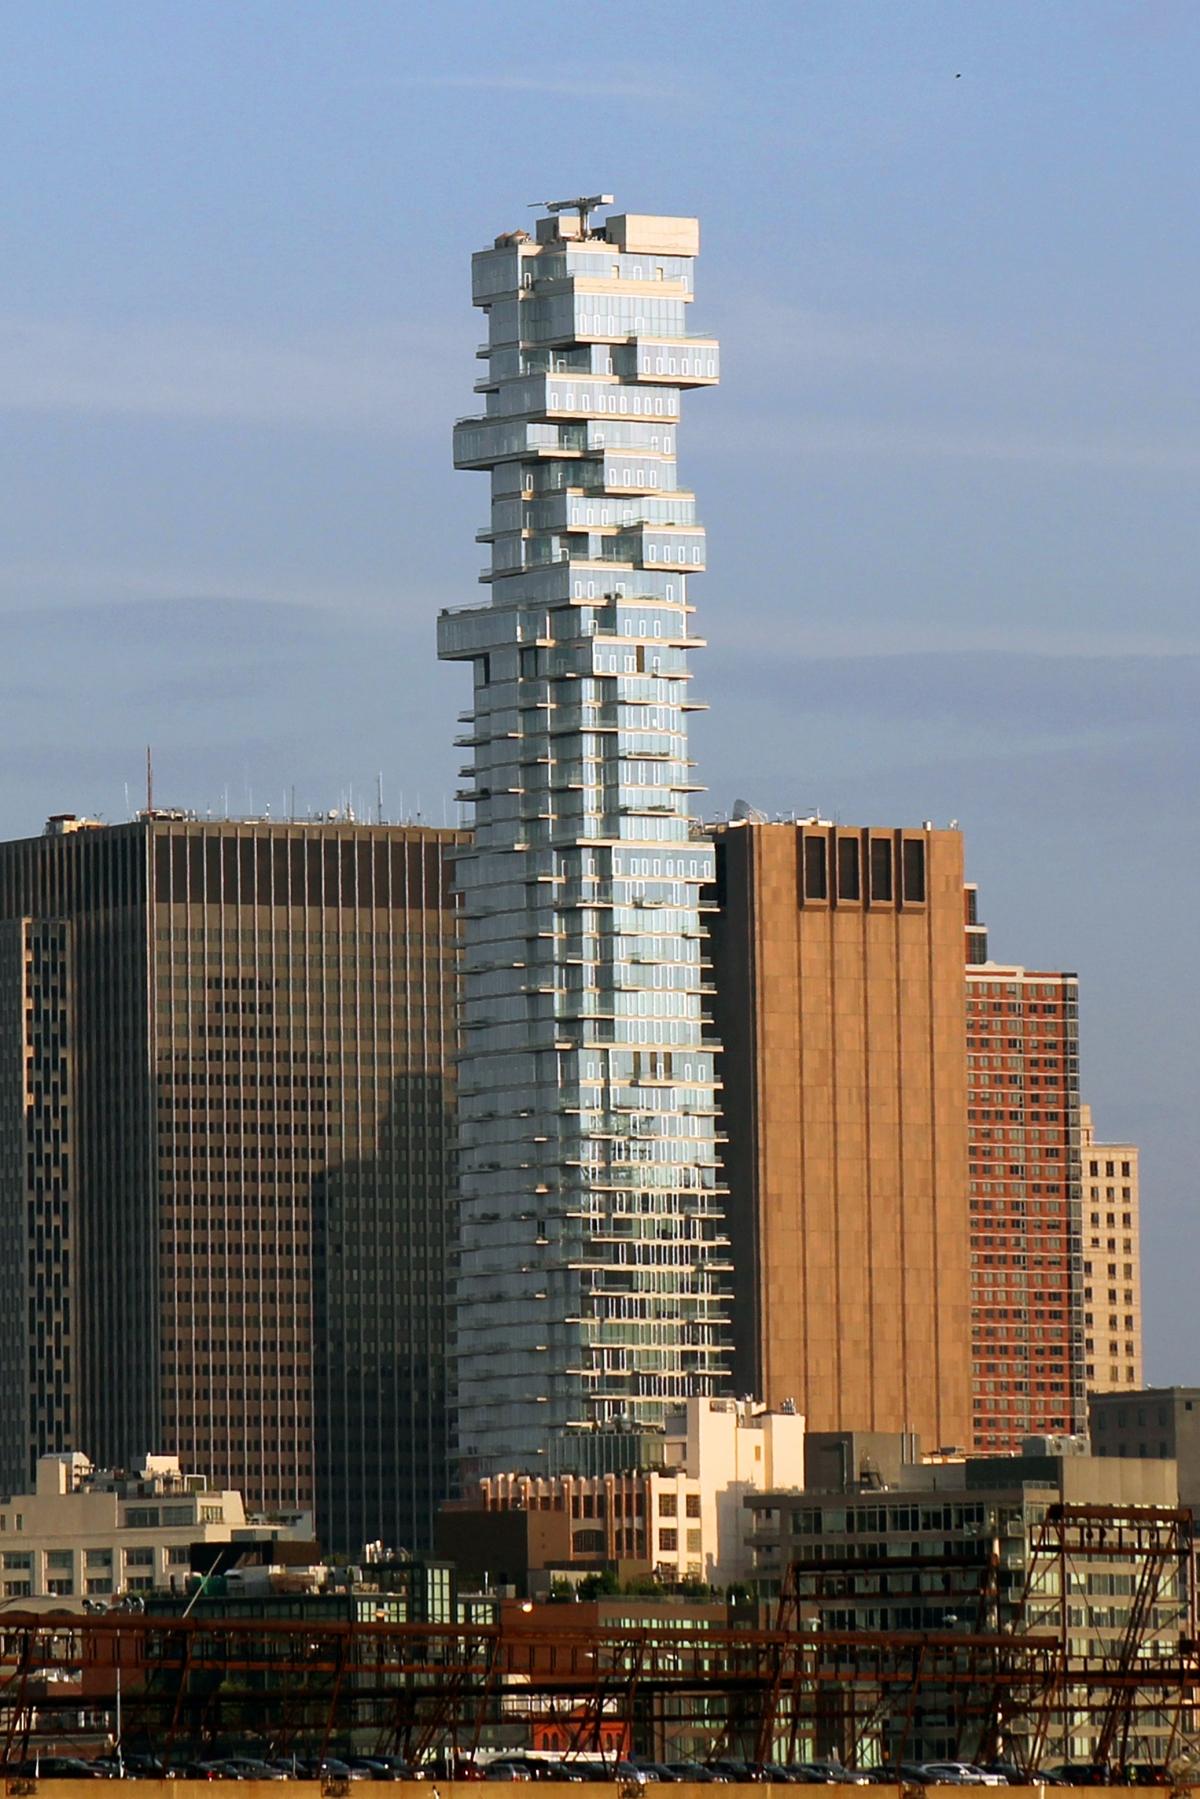 Tòa nhà chọc trời này ở New York (ở Mỹ) trông giống như một trò chơi rút gỗ khổng lồ.